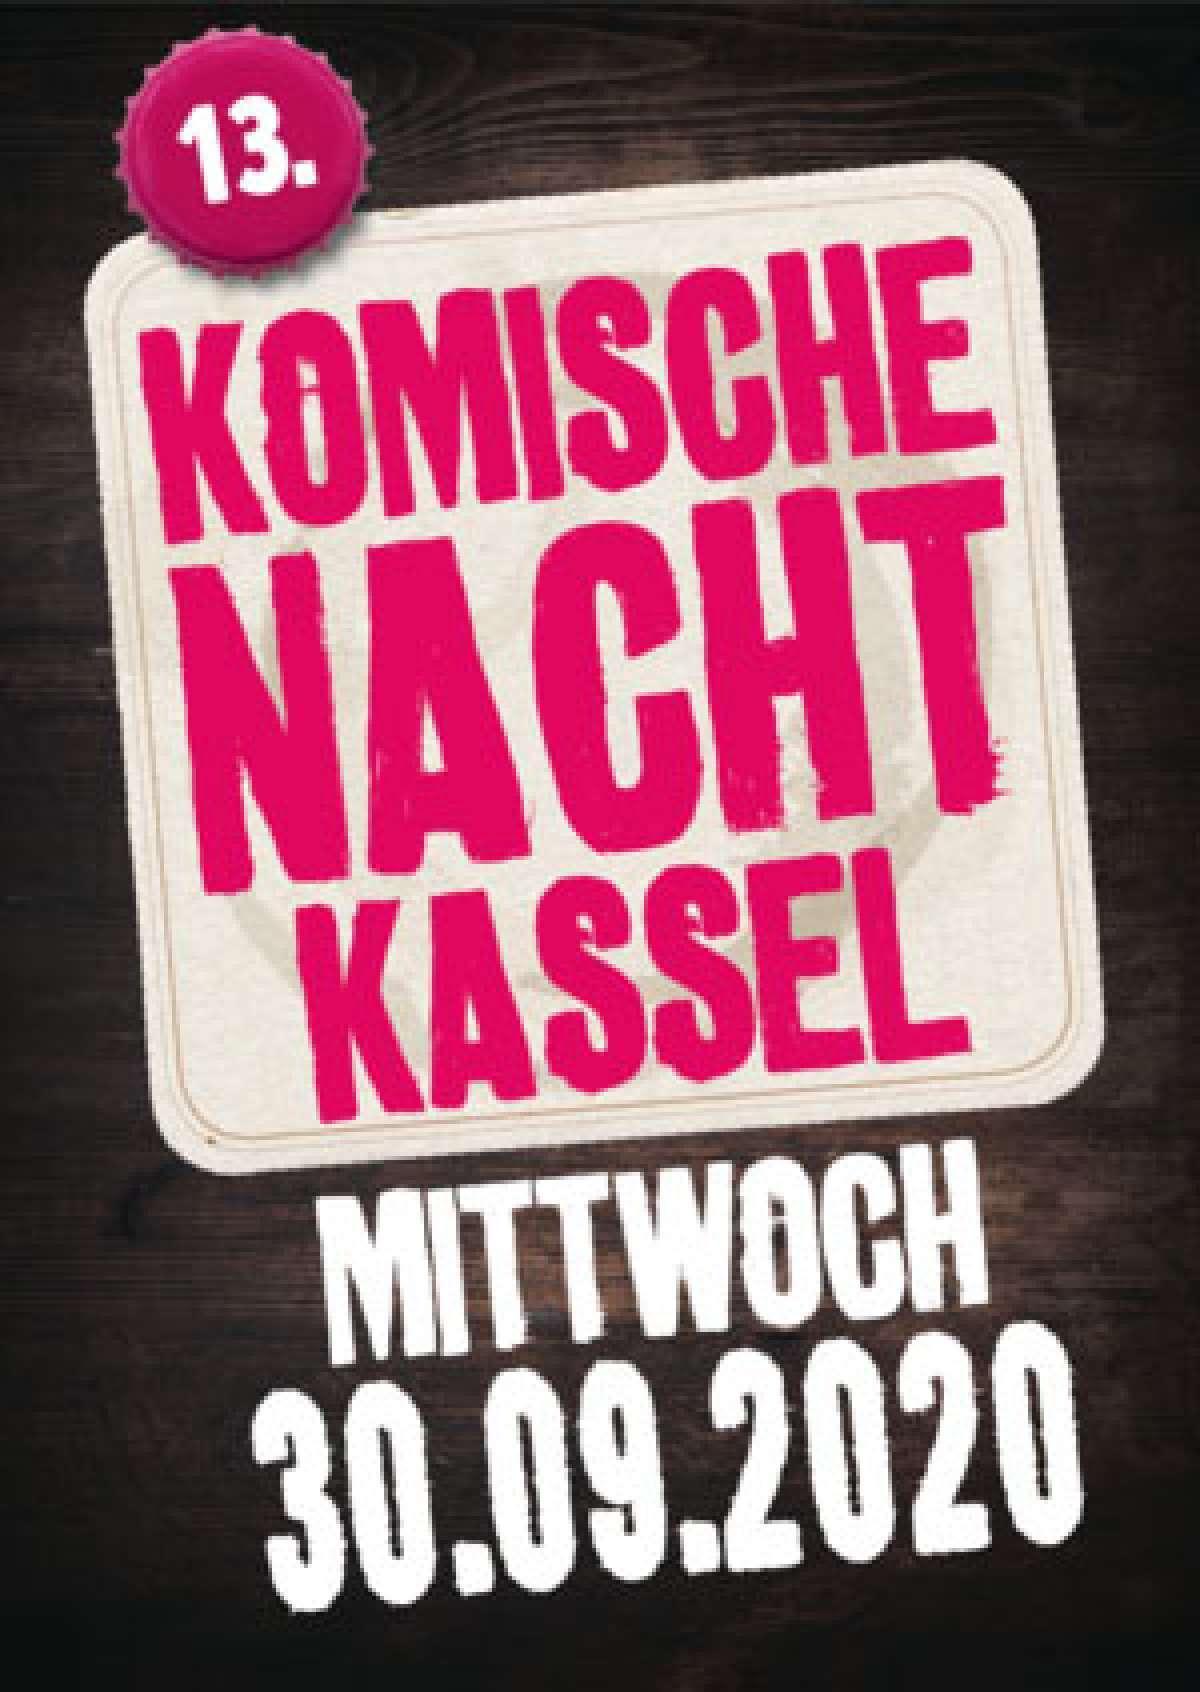 Komische Nacht - Comedy-Marathon - Diverse - Detail-Infos folgen - Foster's Garden - Kassel